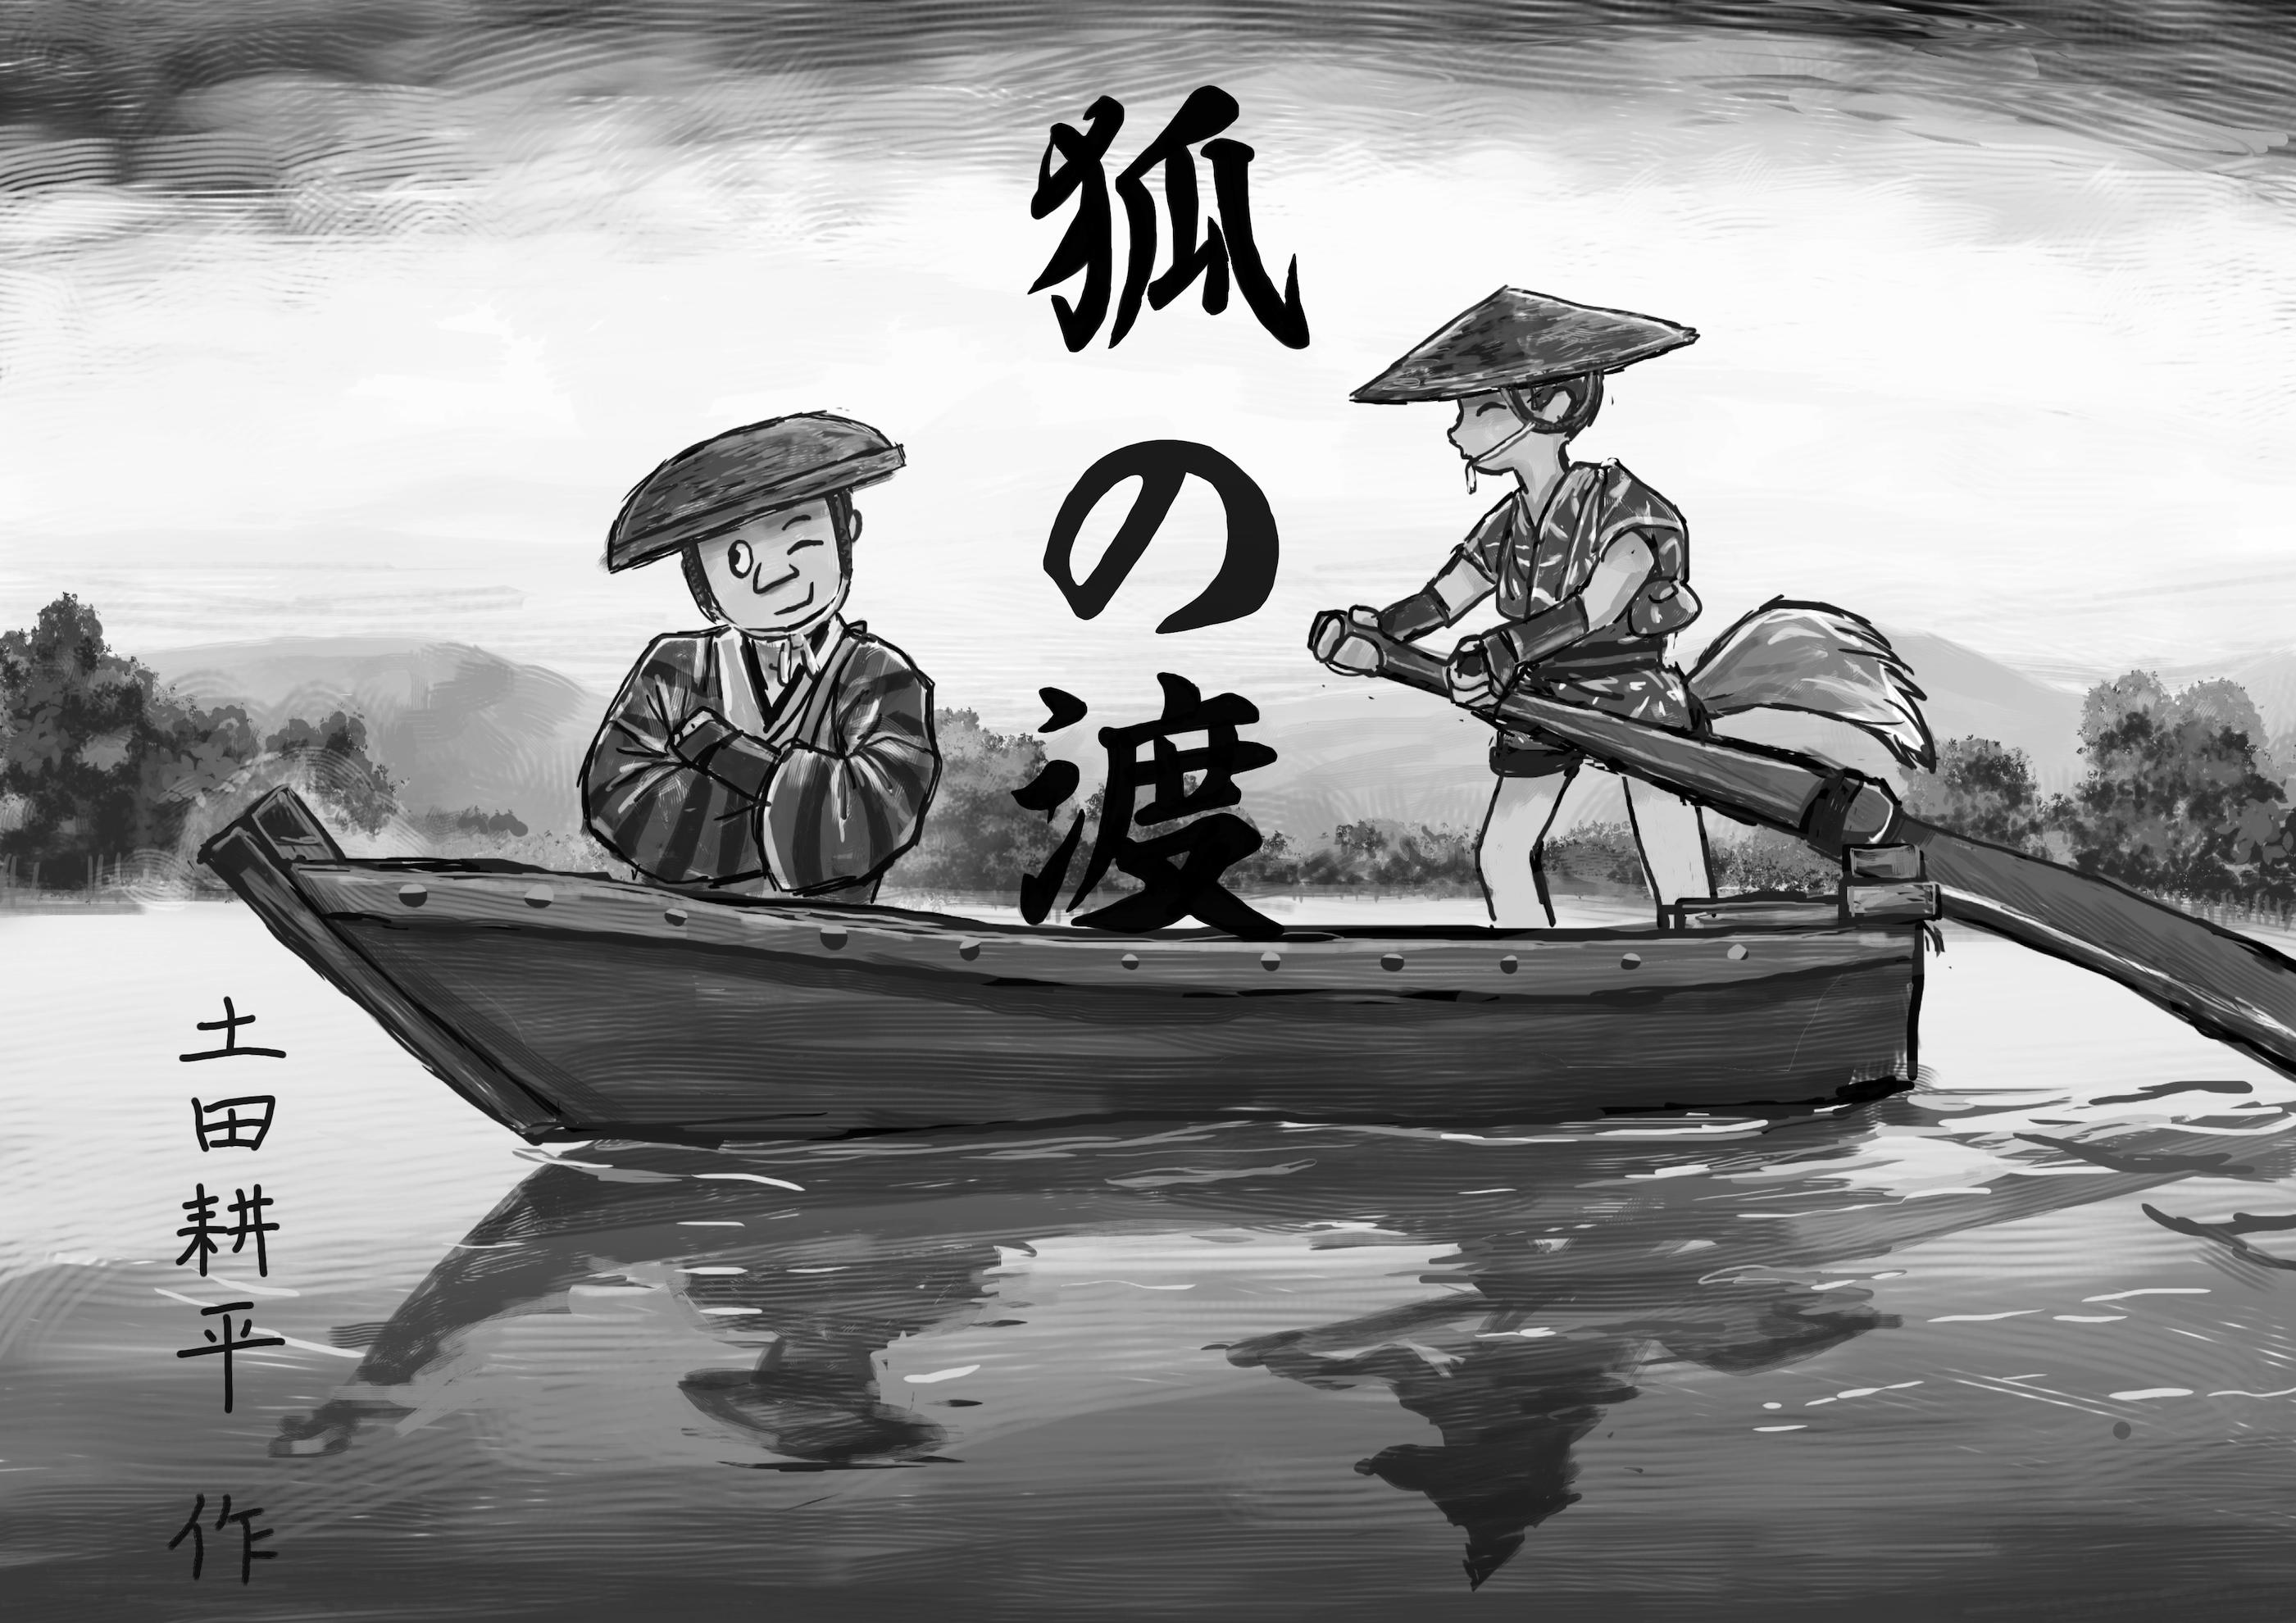 土田耕平『狐の渡』メインビジュアル